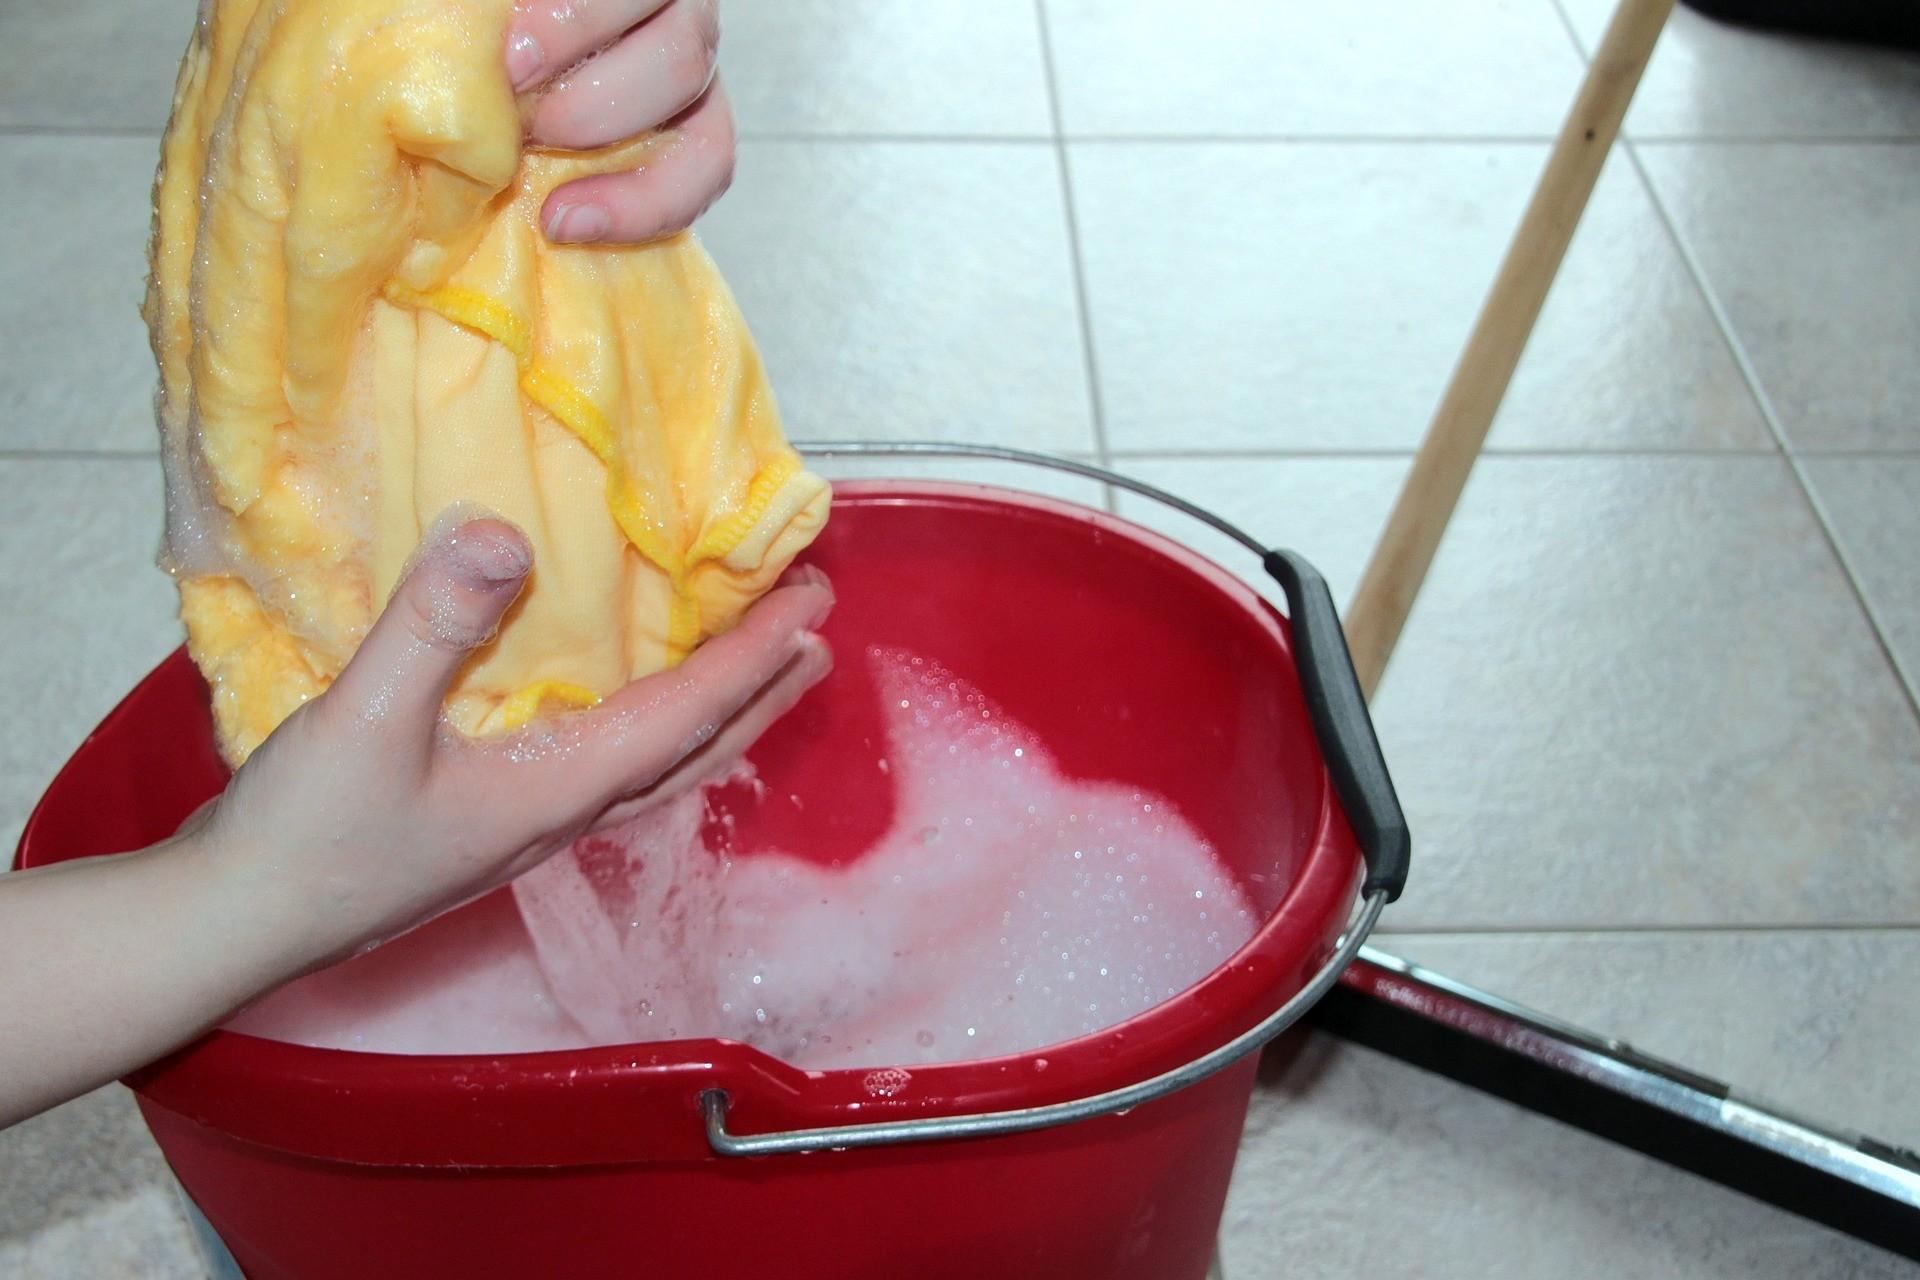 Как правильно мыть полы в квартире: общие советы и рекомендации для разных покрытий